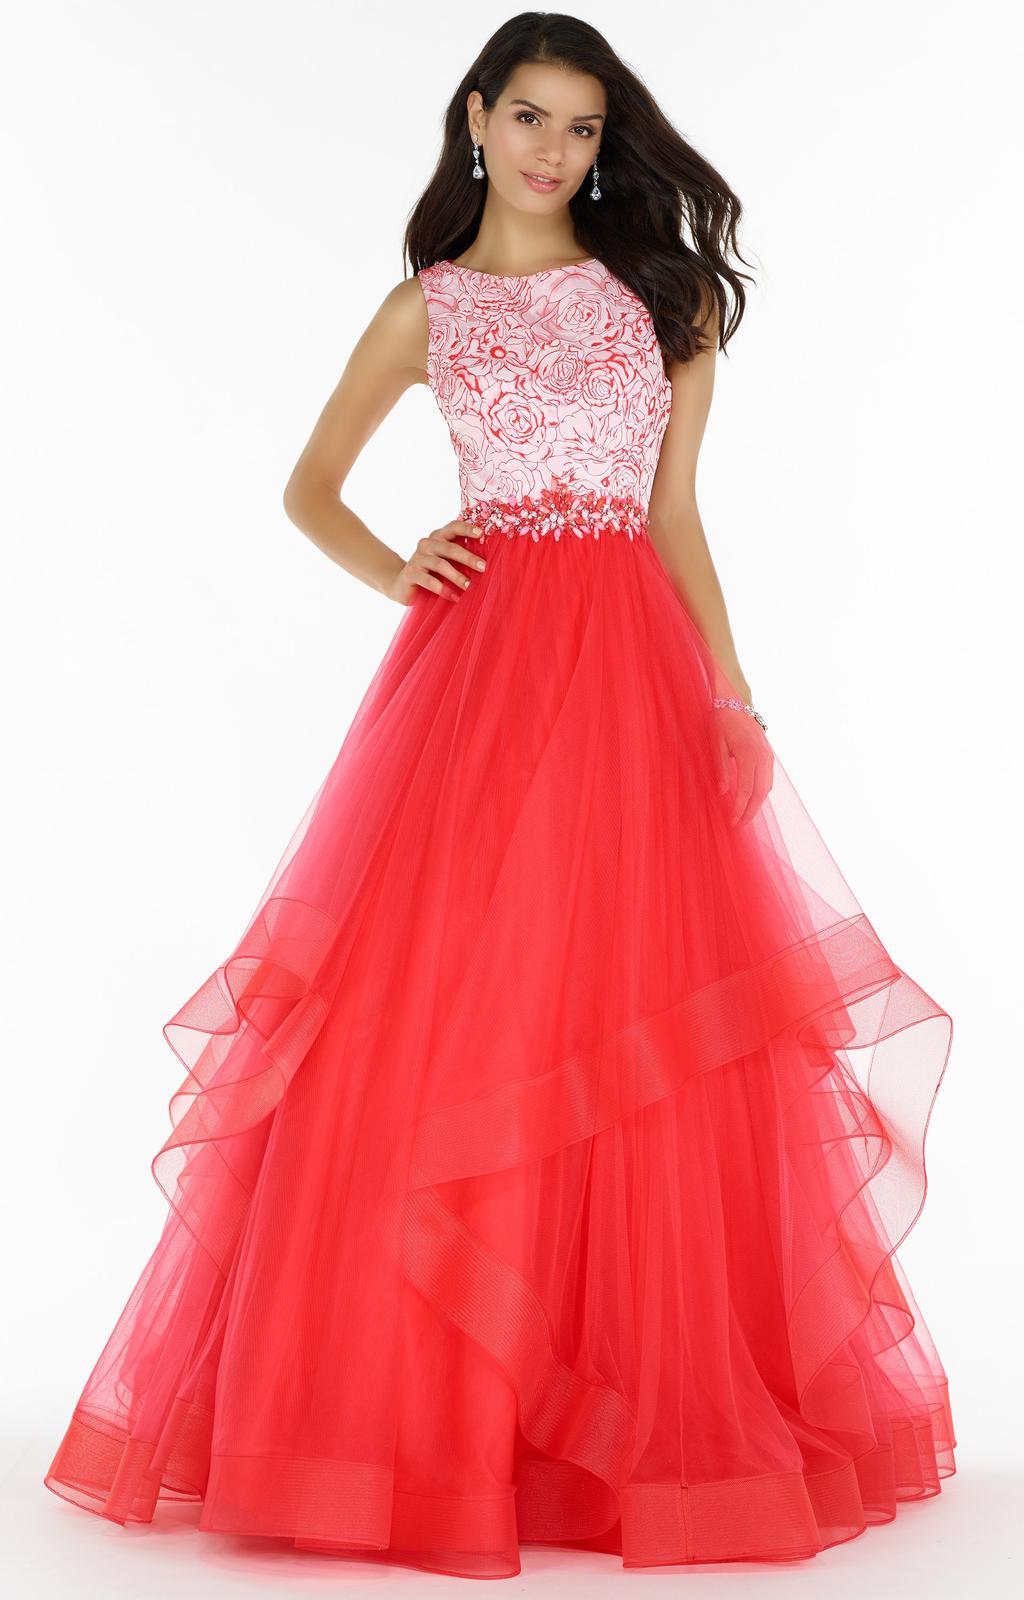 e165f341155e Spoločenské šaty predaj - kvalitné